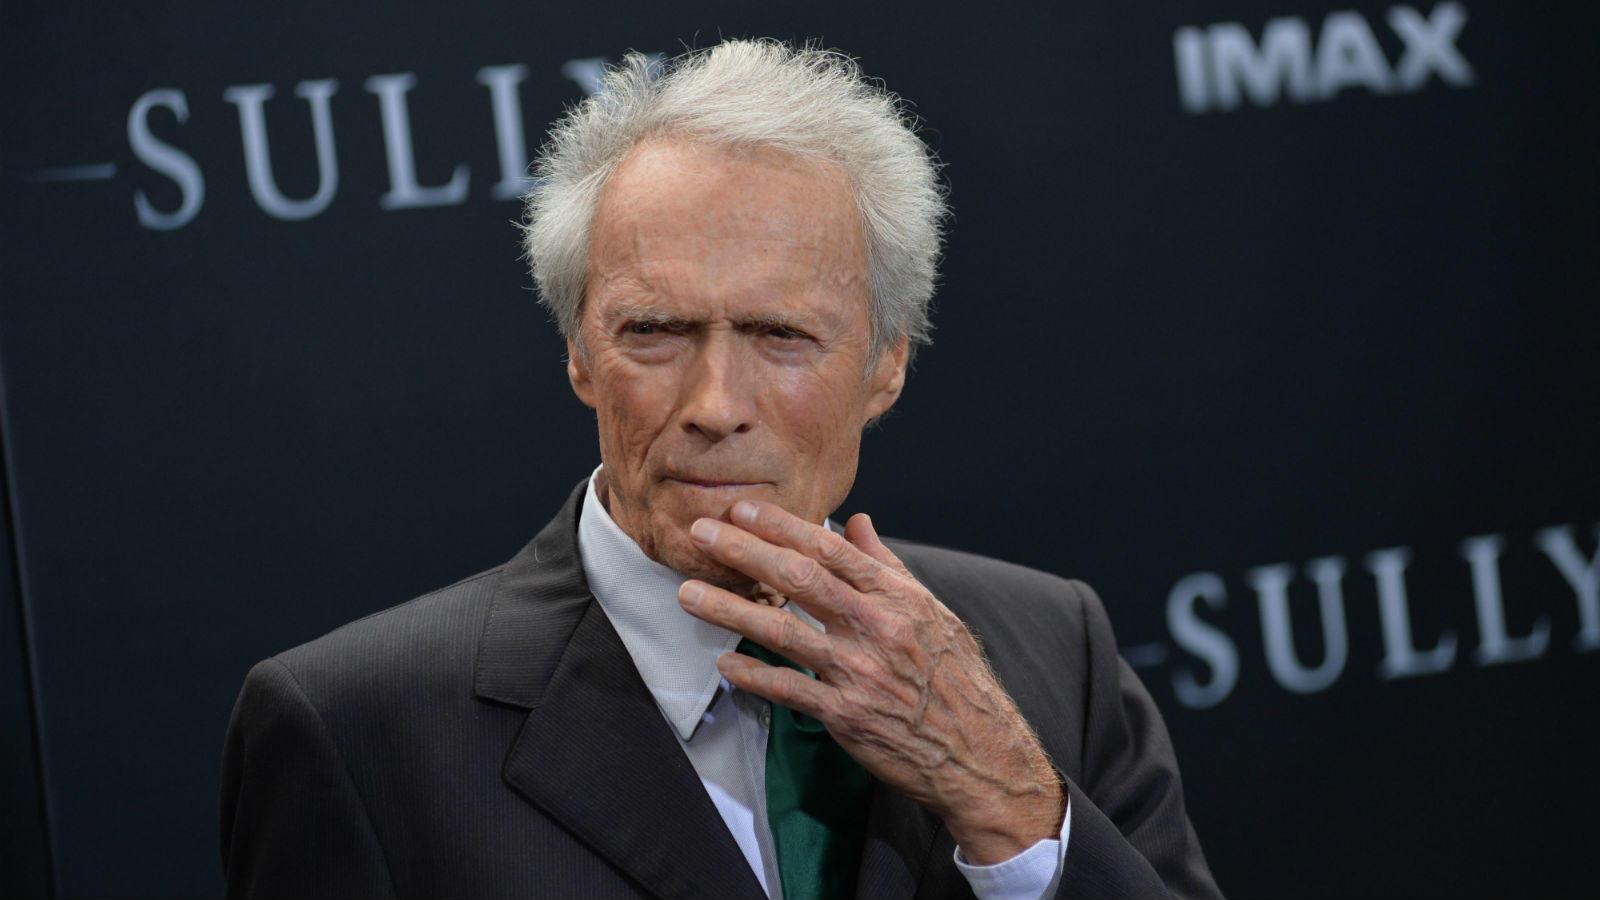 """Mielőtt Oscar-díjas színész, rendező és producer lett volna, Clint Eastwood járt – a színészkurzust is működtető – Los Angeles City College elnevezésű, kétéves képzéseket kínáló """"népfőiskolára"""". Végül sose diplomázott le, ám közben számtalan alkalmi munkát is vállalt, így volt acélmunkás és favágó is. (REX/ Shutterstock)"""